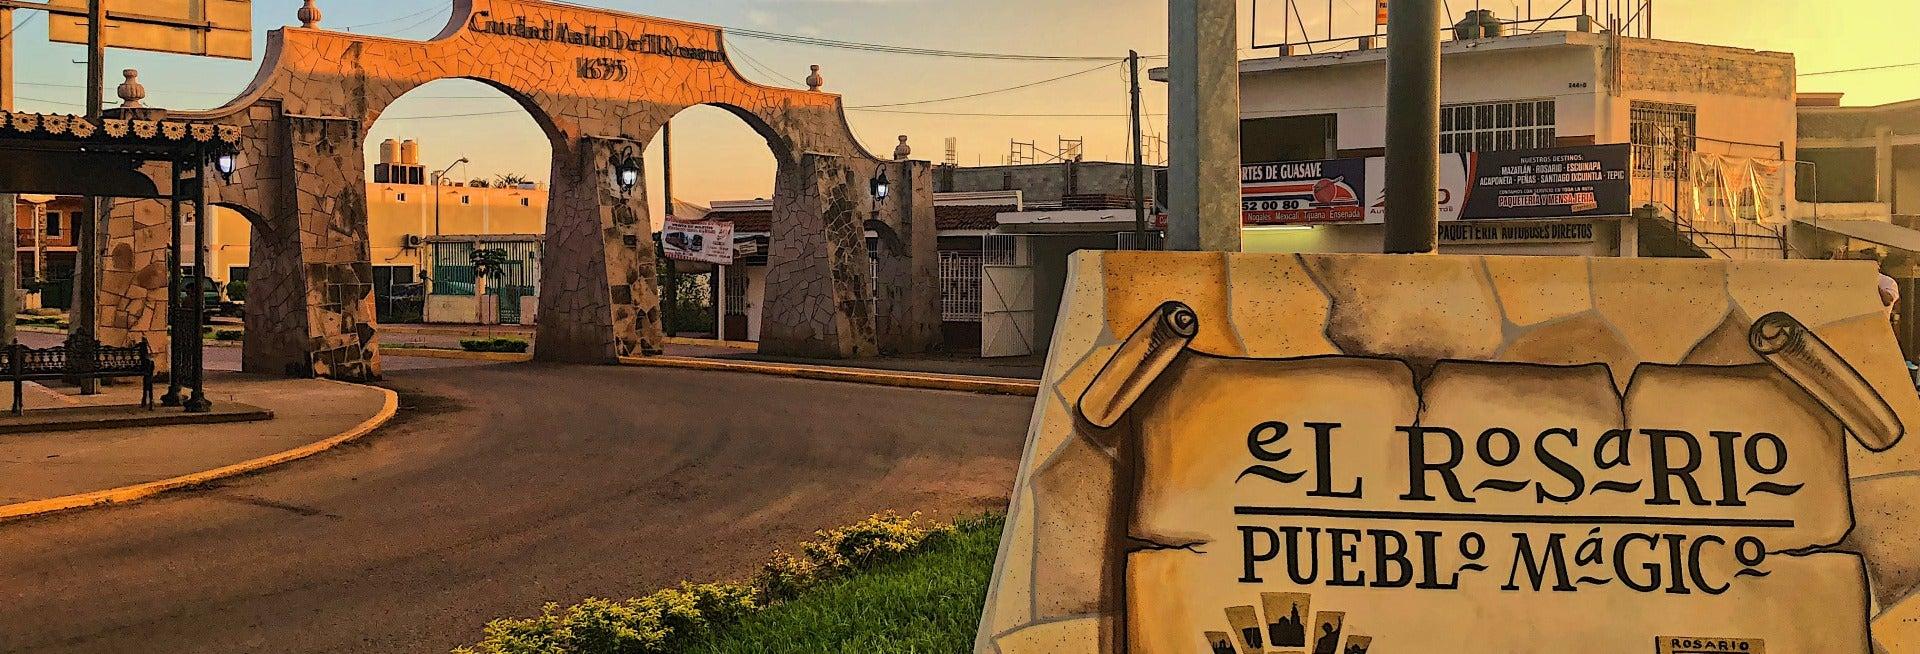 Excursión a El Rosario